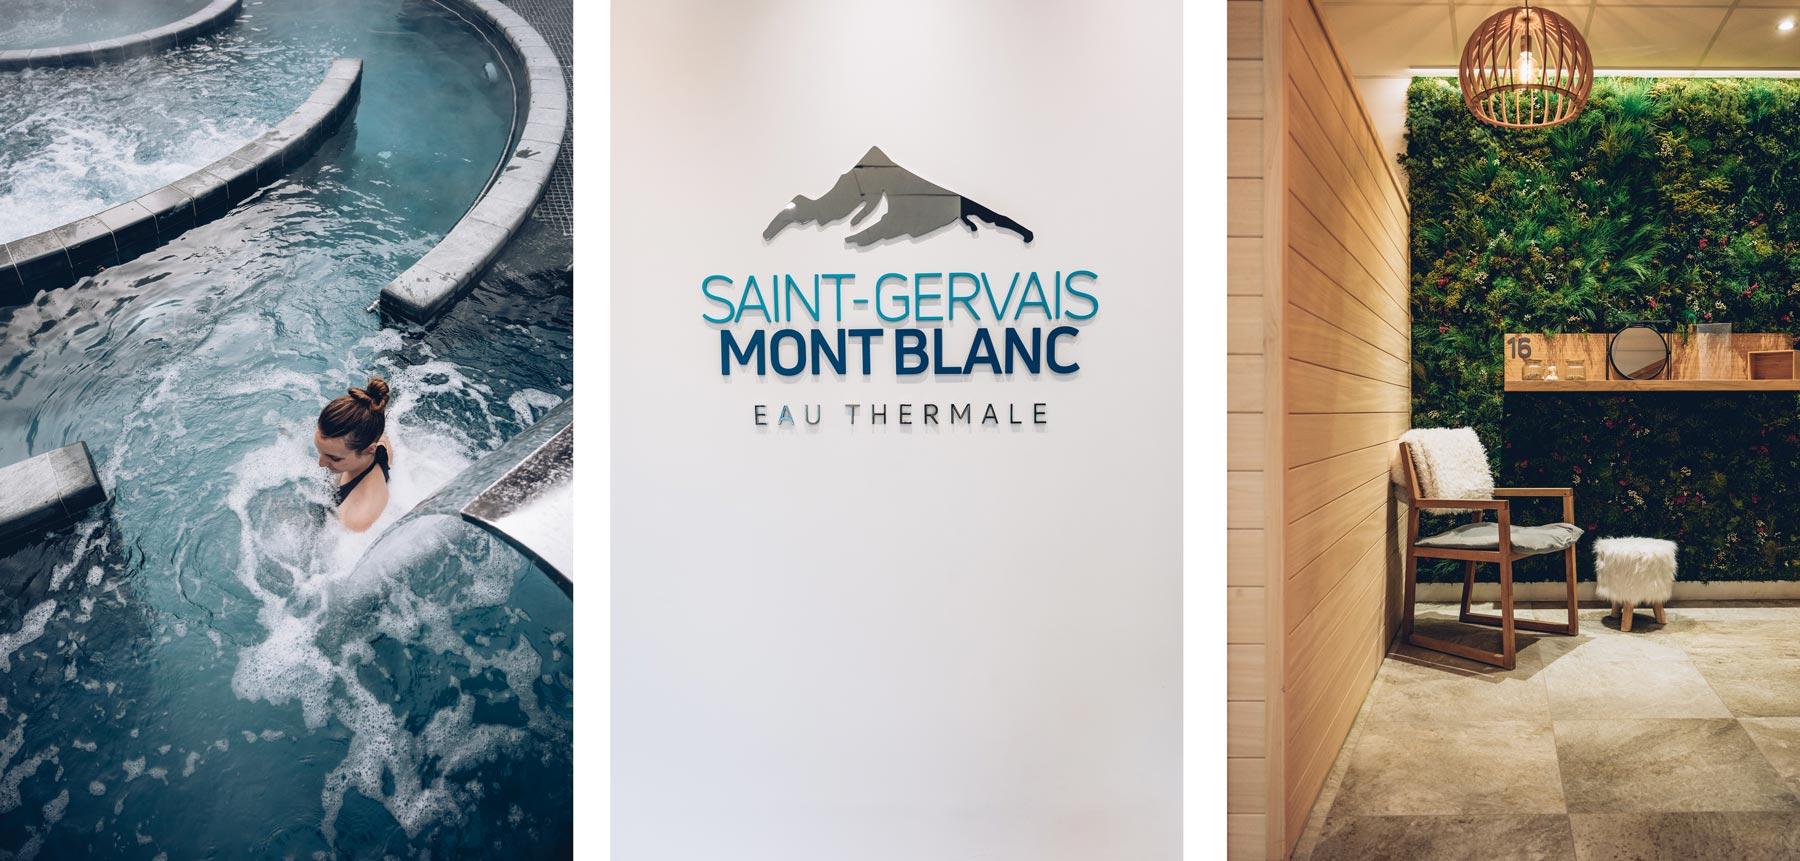 Thermes du Mont Blanc